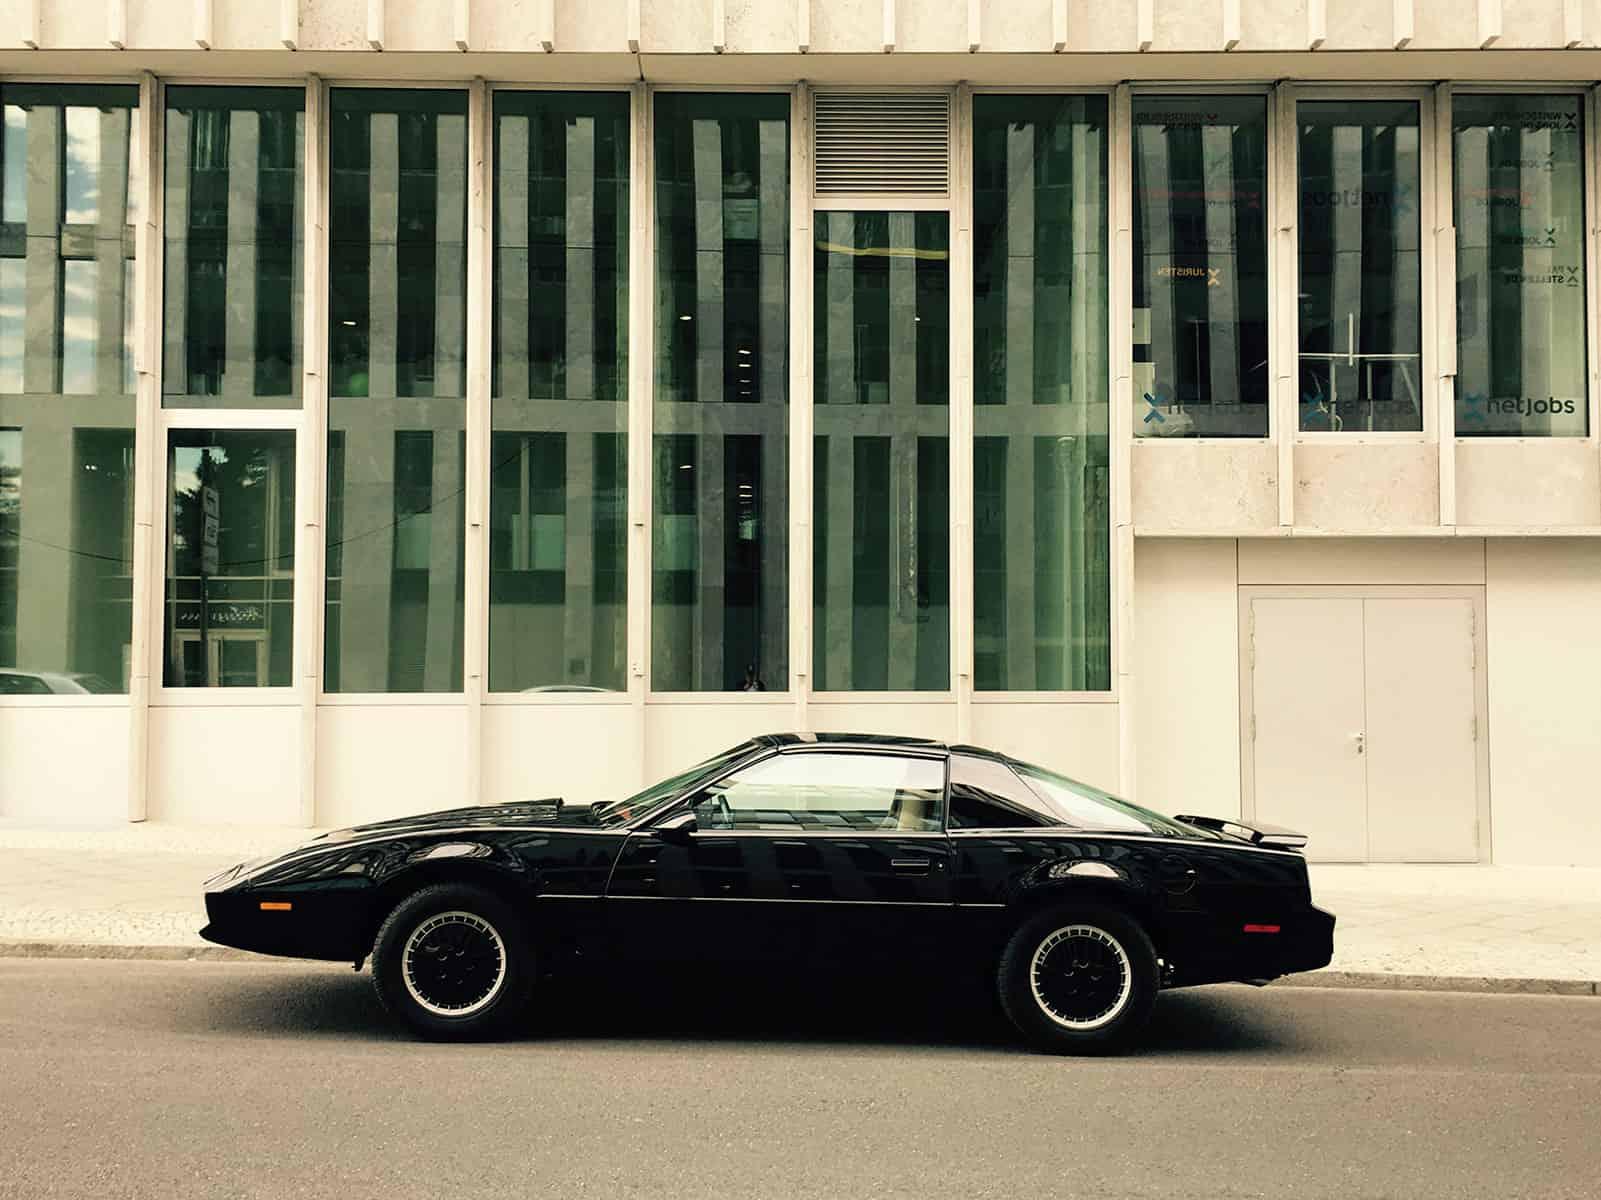 KITT Replika Seite Knight Rider of Germany Köln